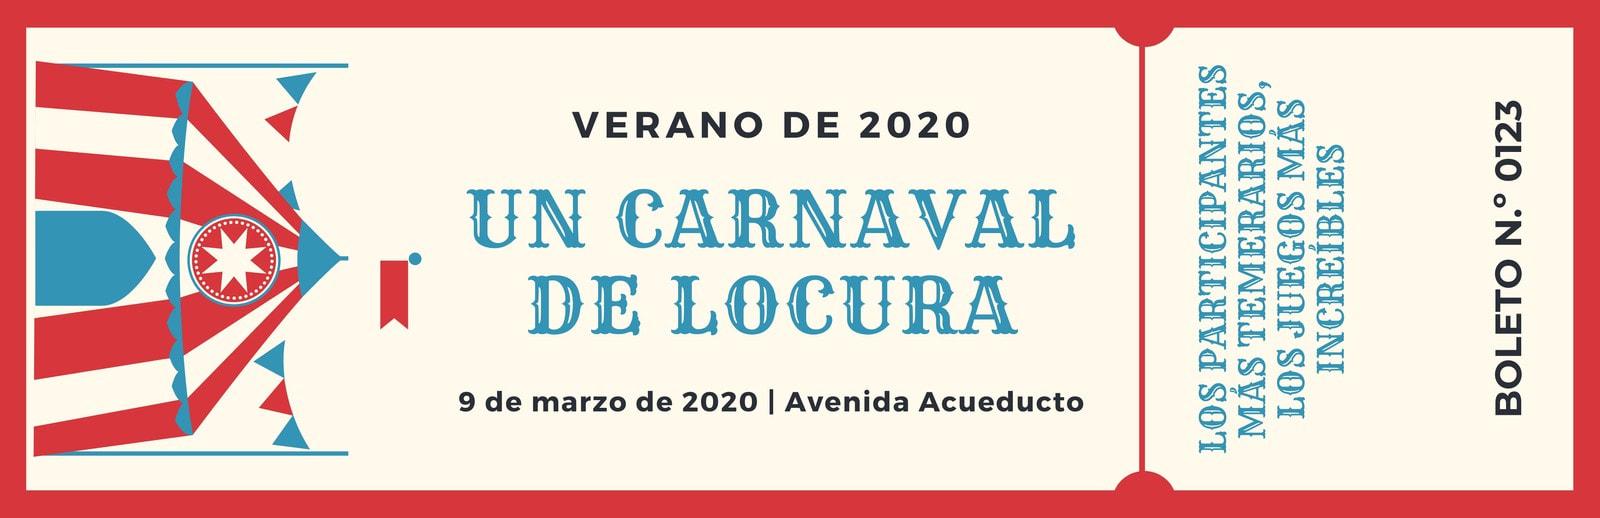 Rojo Crema Carnaval Ilustrado Boleto